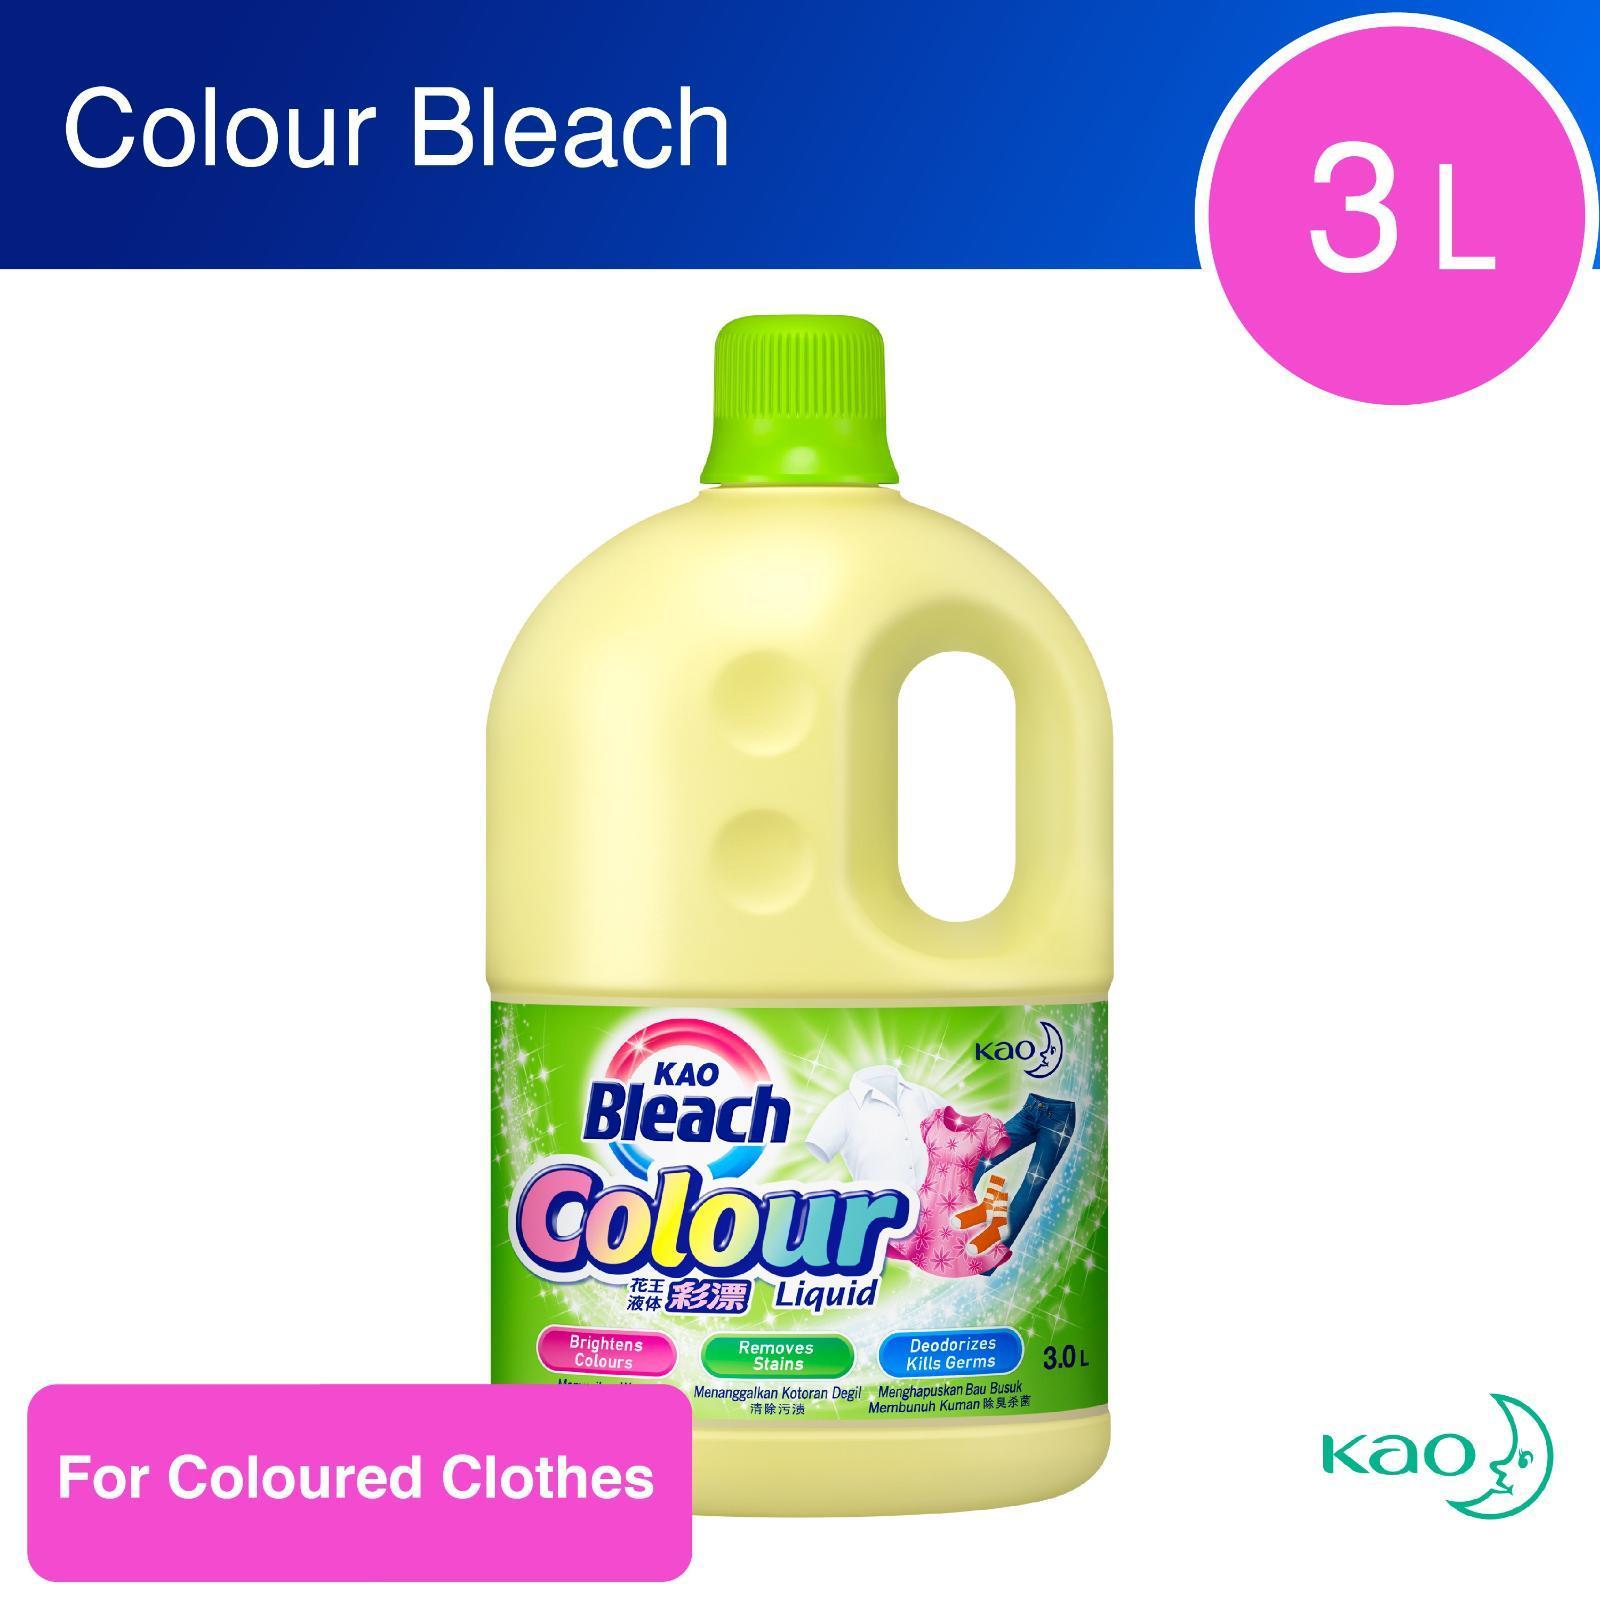 Kao Bleach Colour Liquid By Redmart.